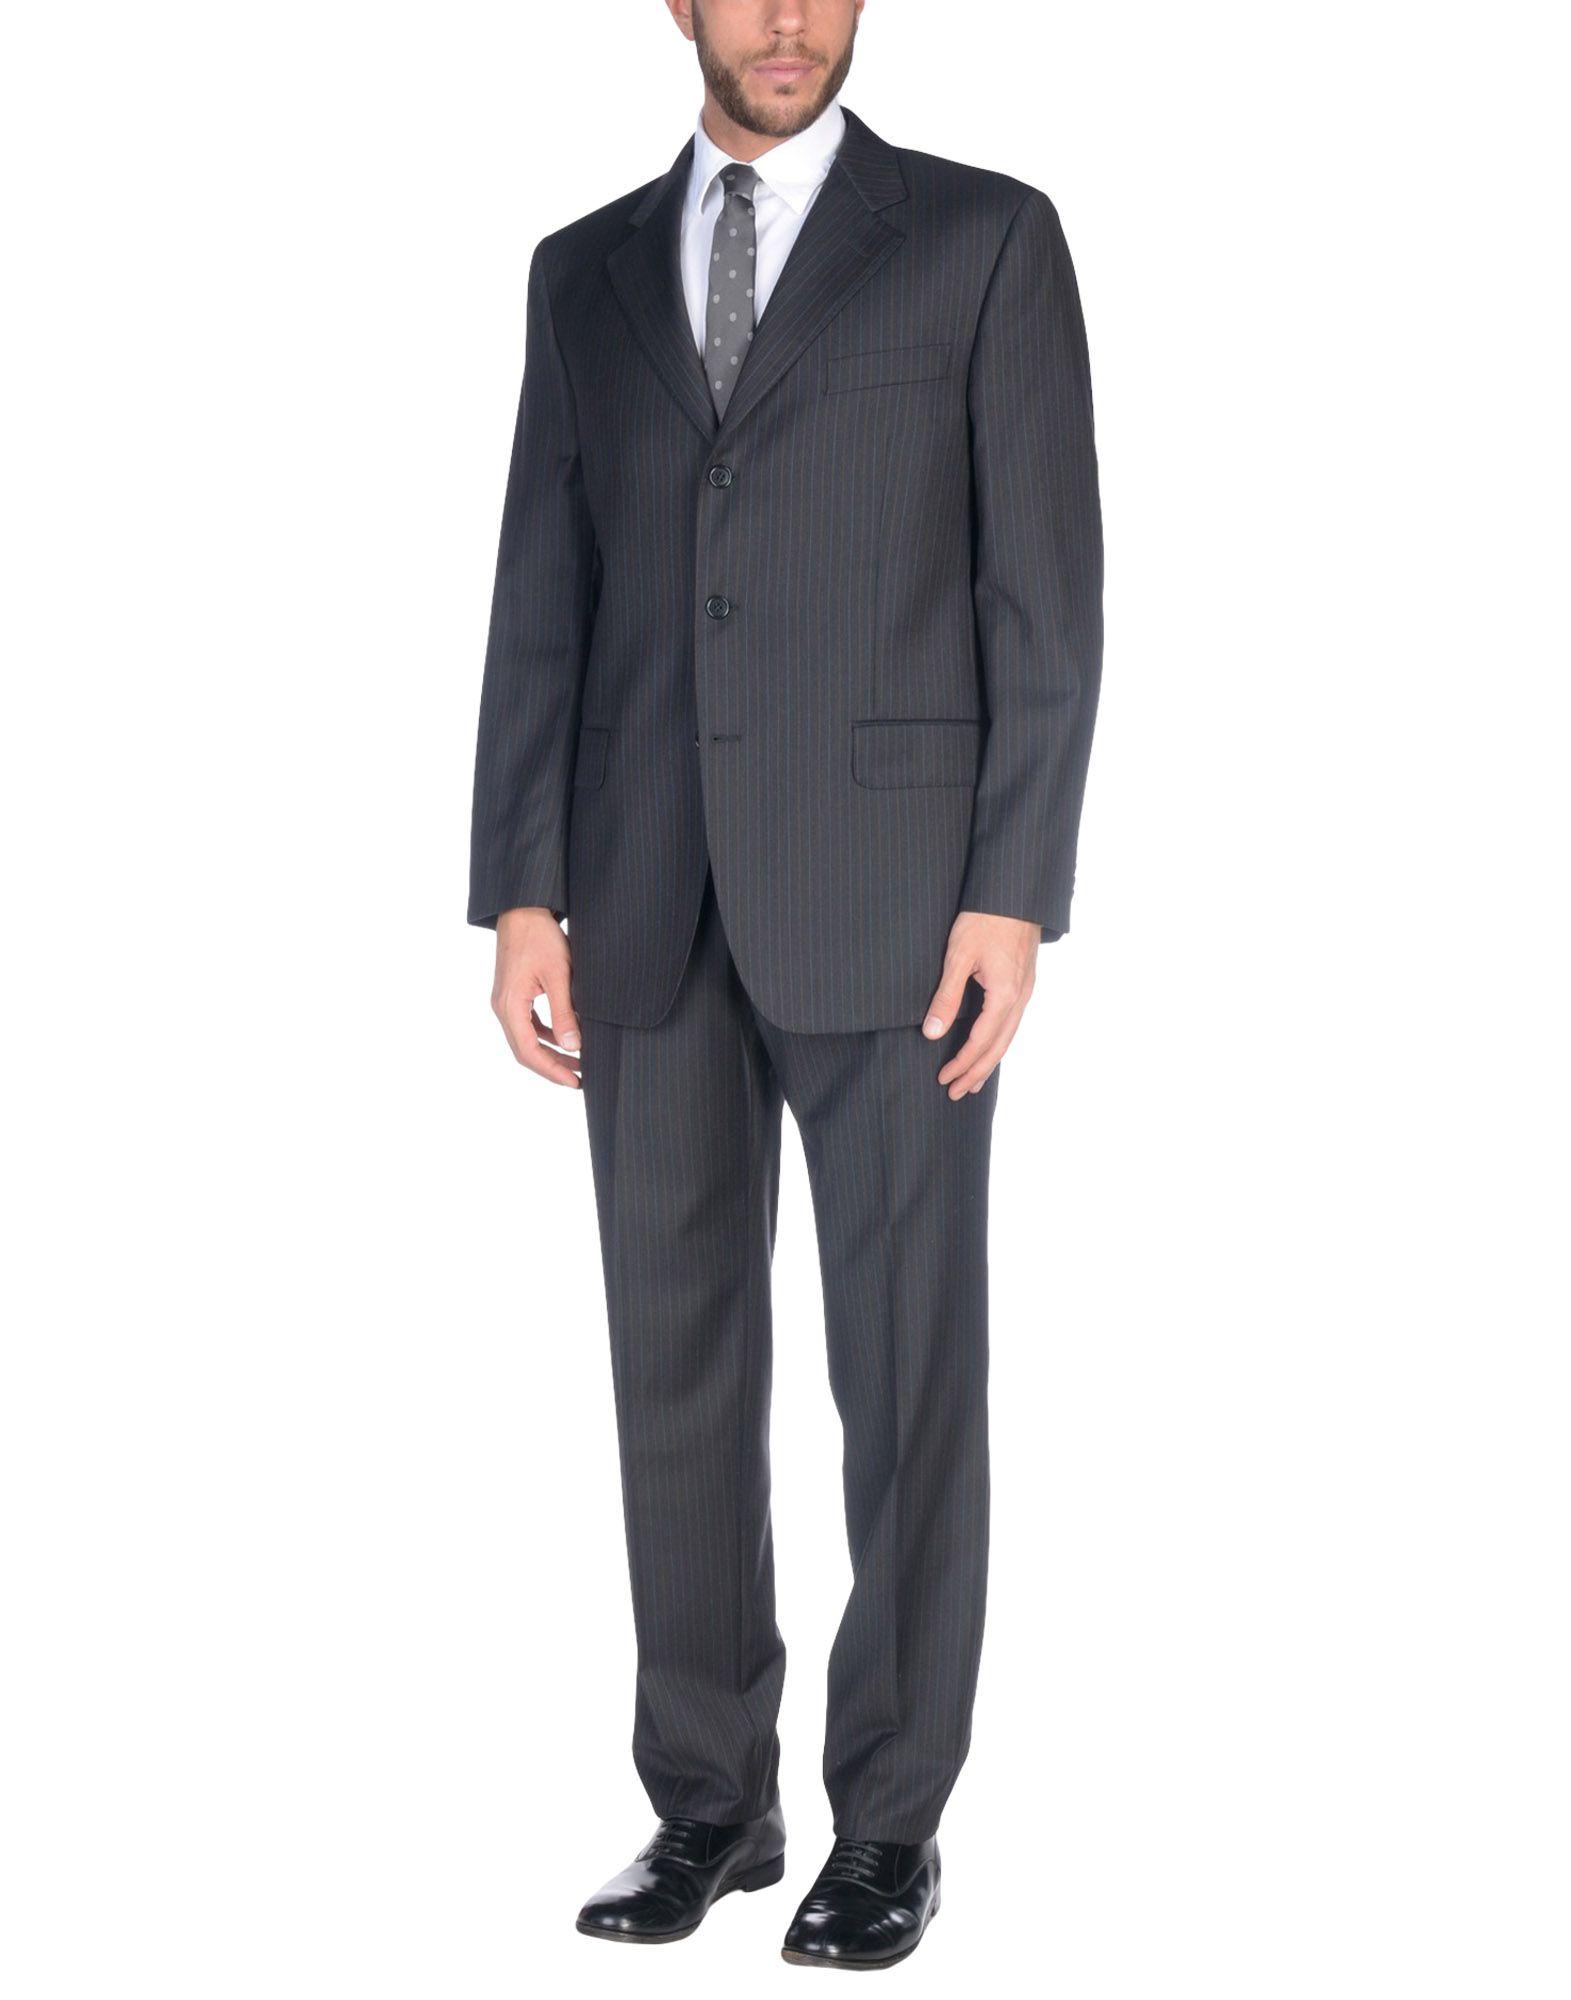 《送料無料》GUERRIERI メンズ スーツ ブラック 54 スーパー110 ウール 100%